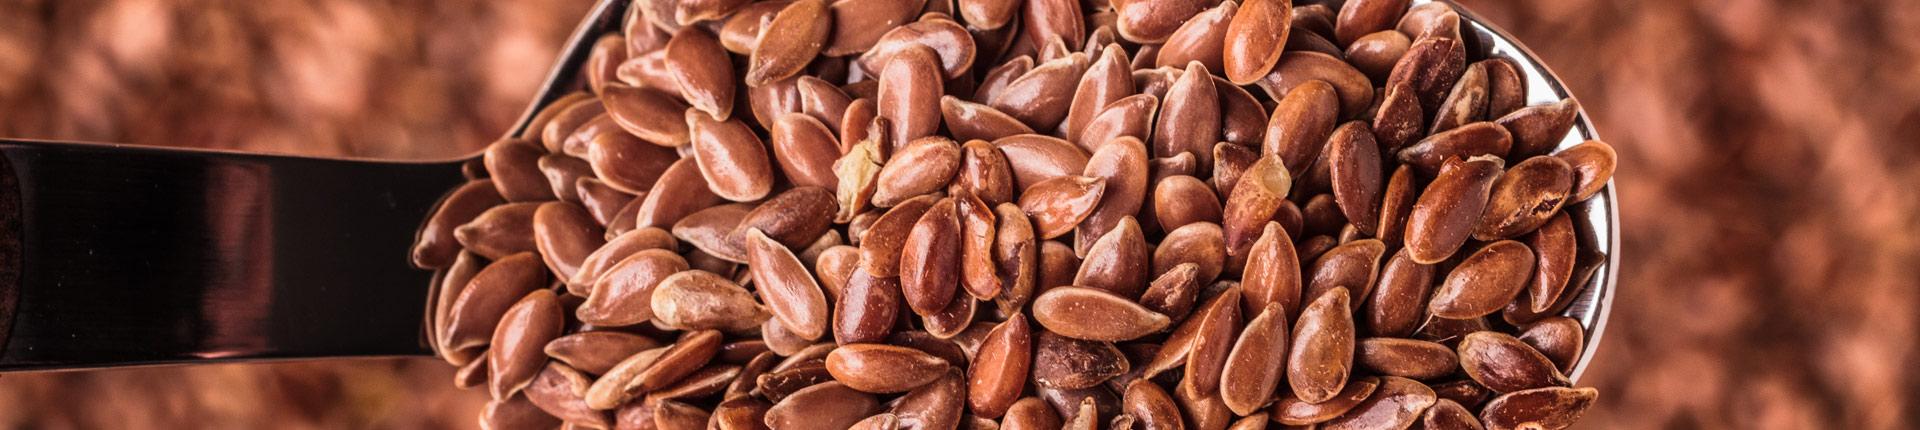 Smaczne i zdrowe nasiona w twojej diecie